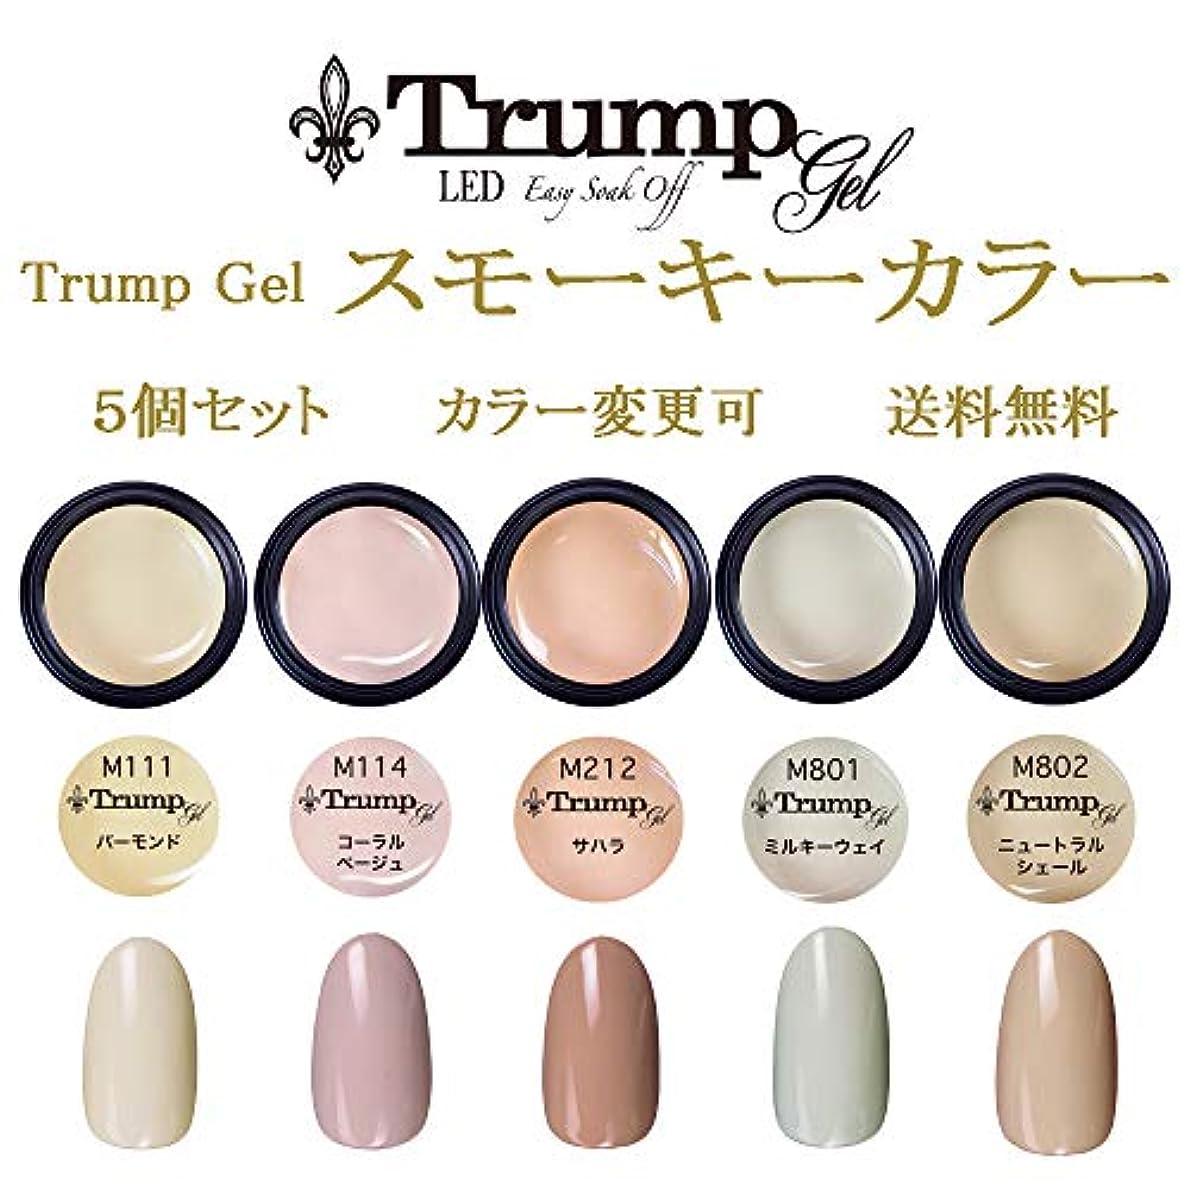 愚かコンチネンタル相反する日本製 Trump gel トランプジェル スモーキーカラー 選べる カラージェル 5個セット スモーク ベージュ グレー ブラウン ピンク